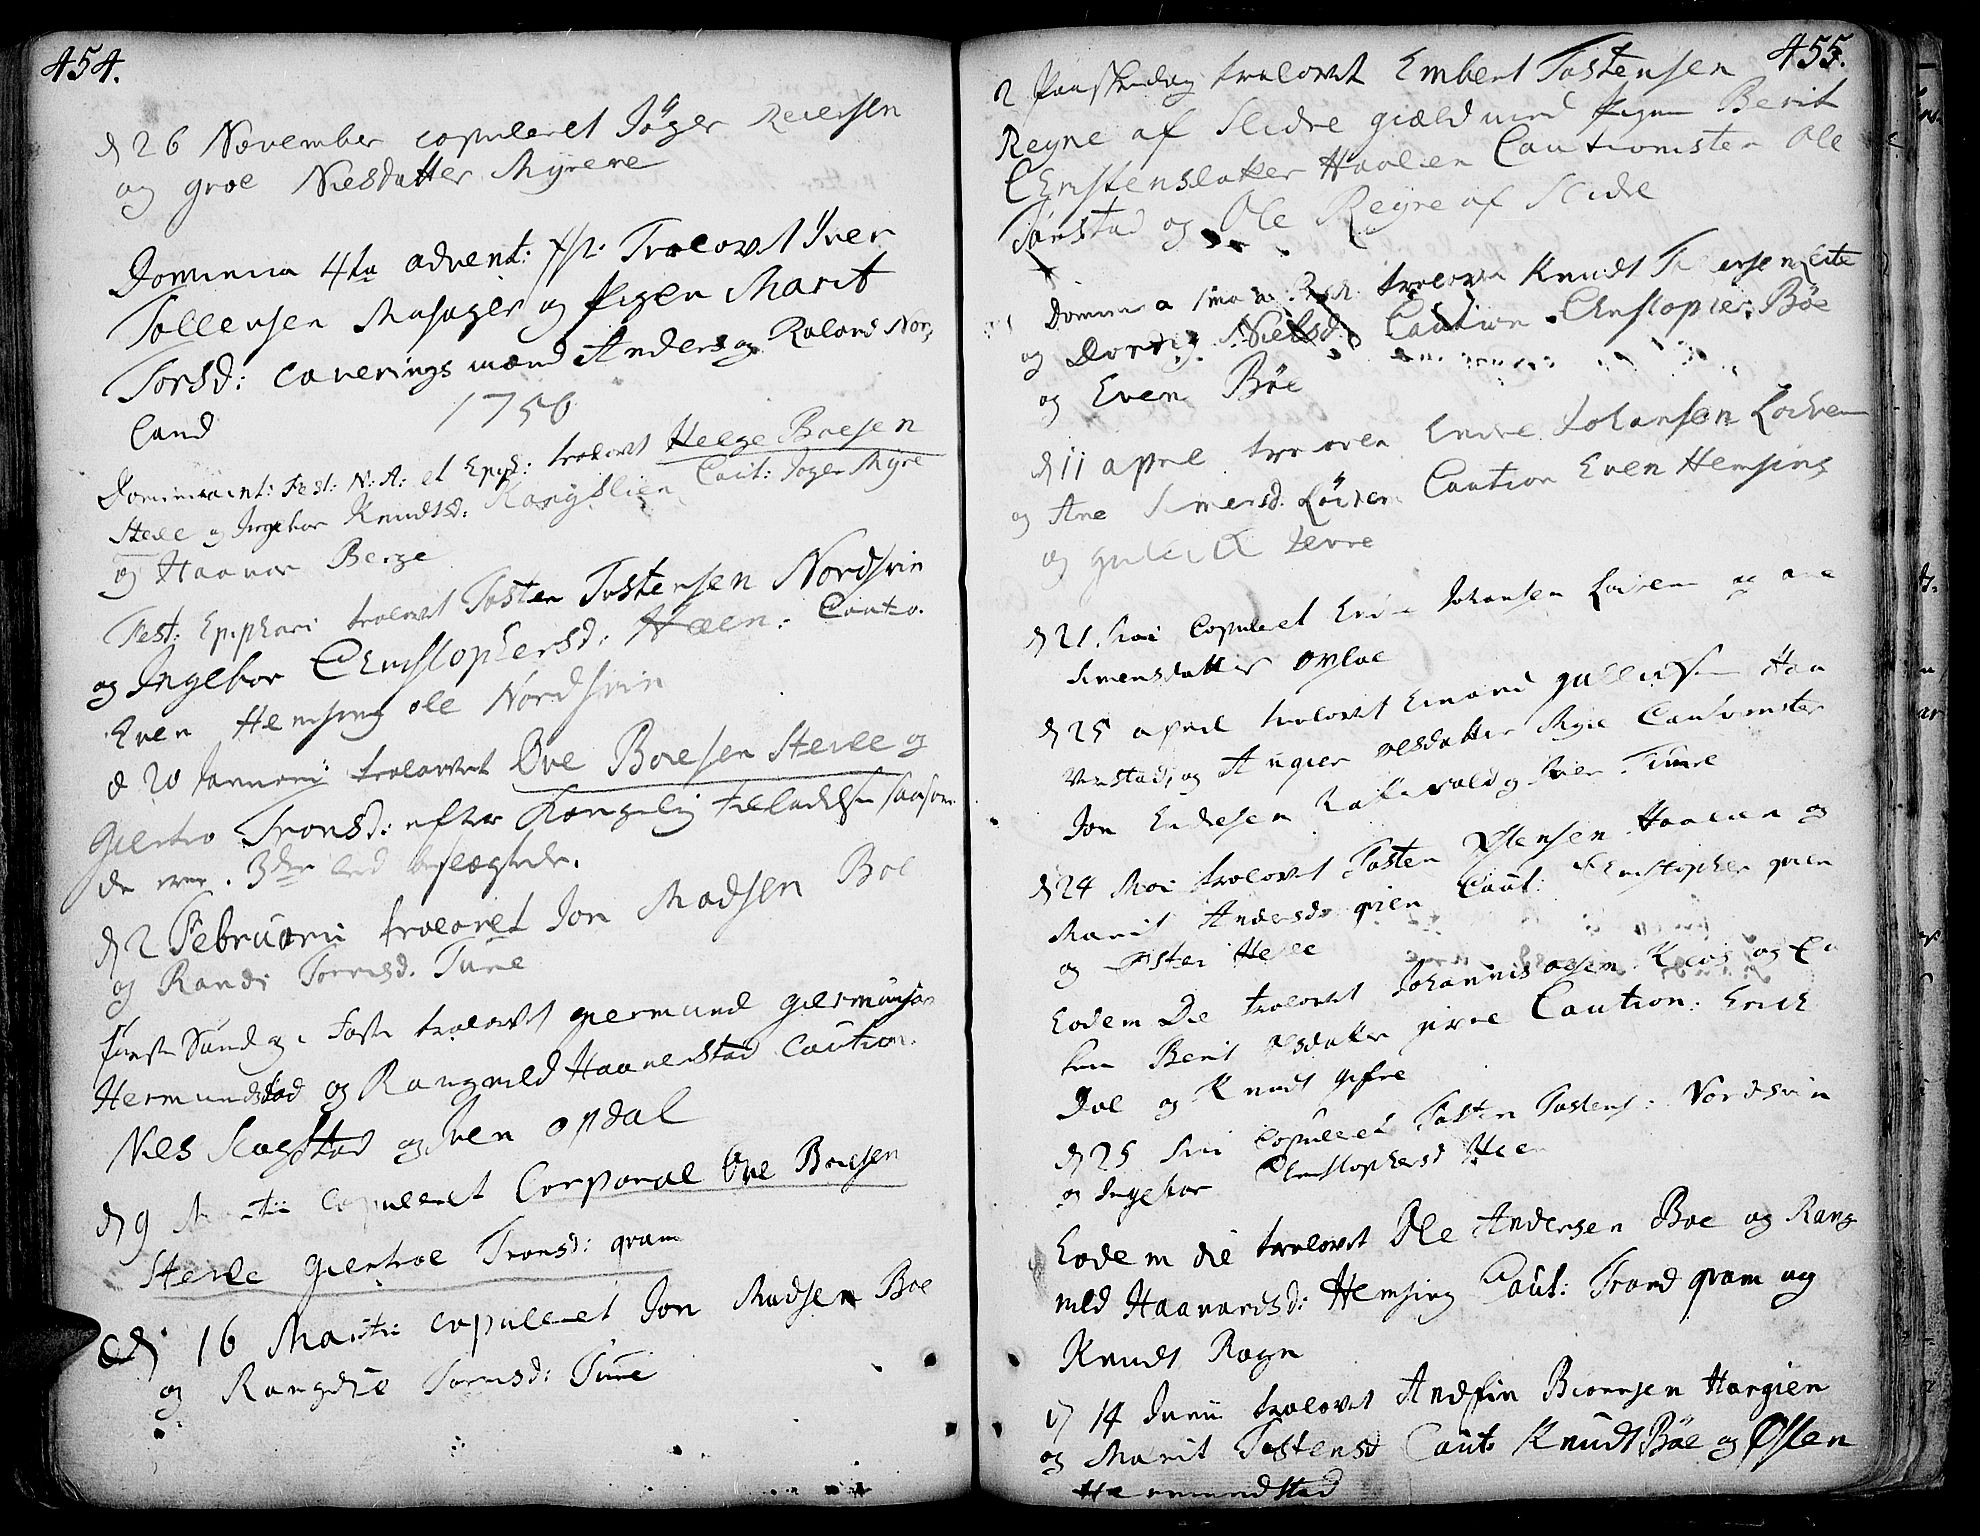 SAH, Vang prestekontor, Valdres, Ministerialbok nr. 1, 1730-1796, s. 454-455